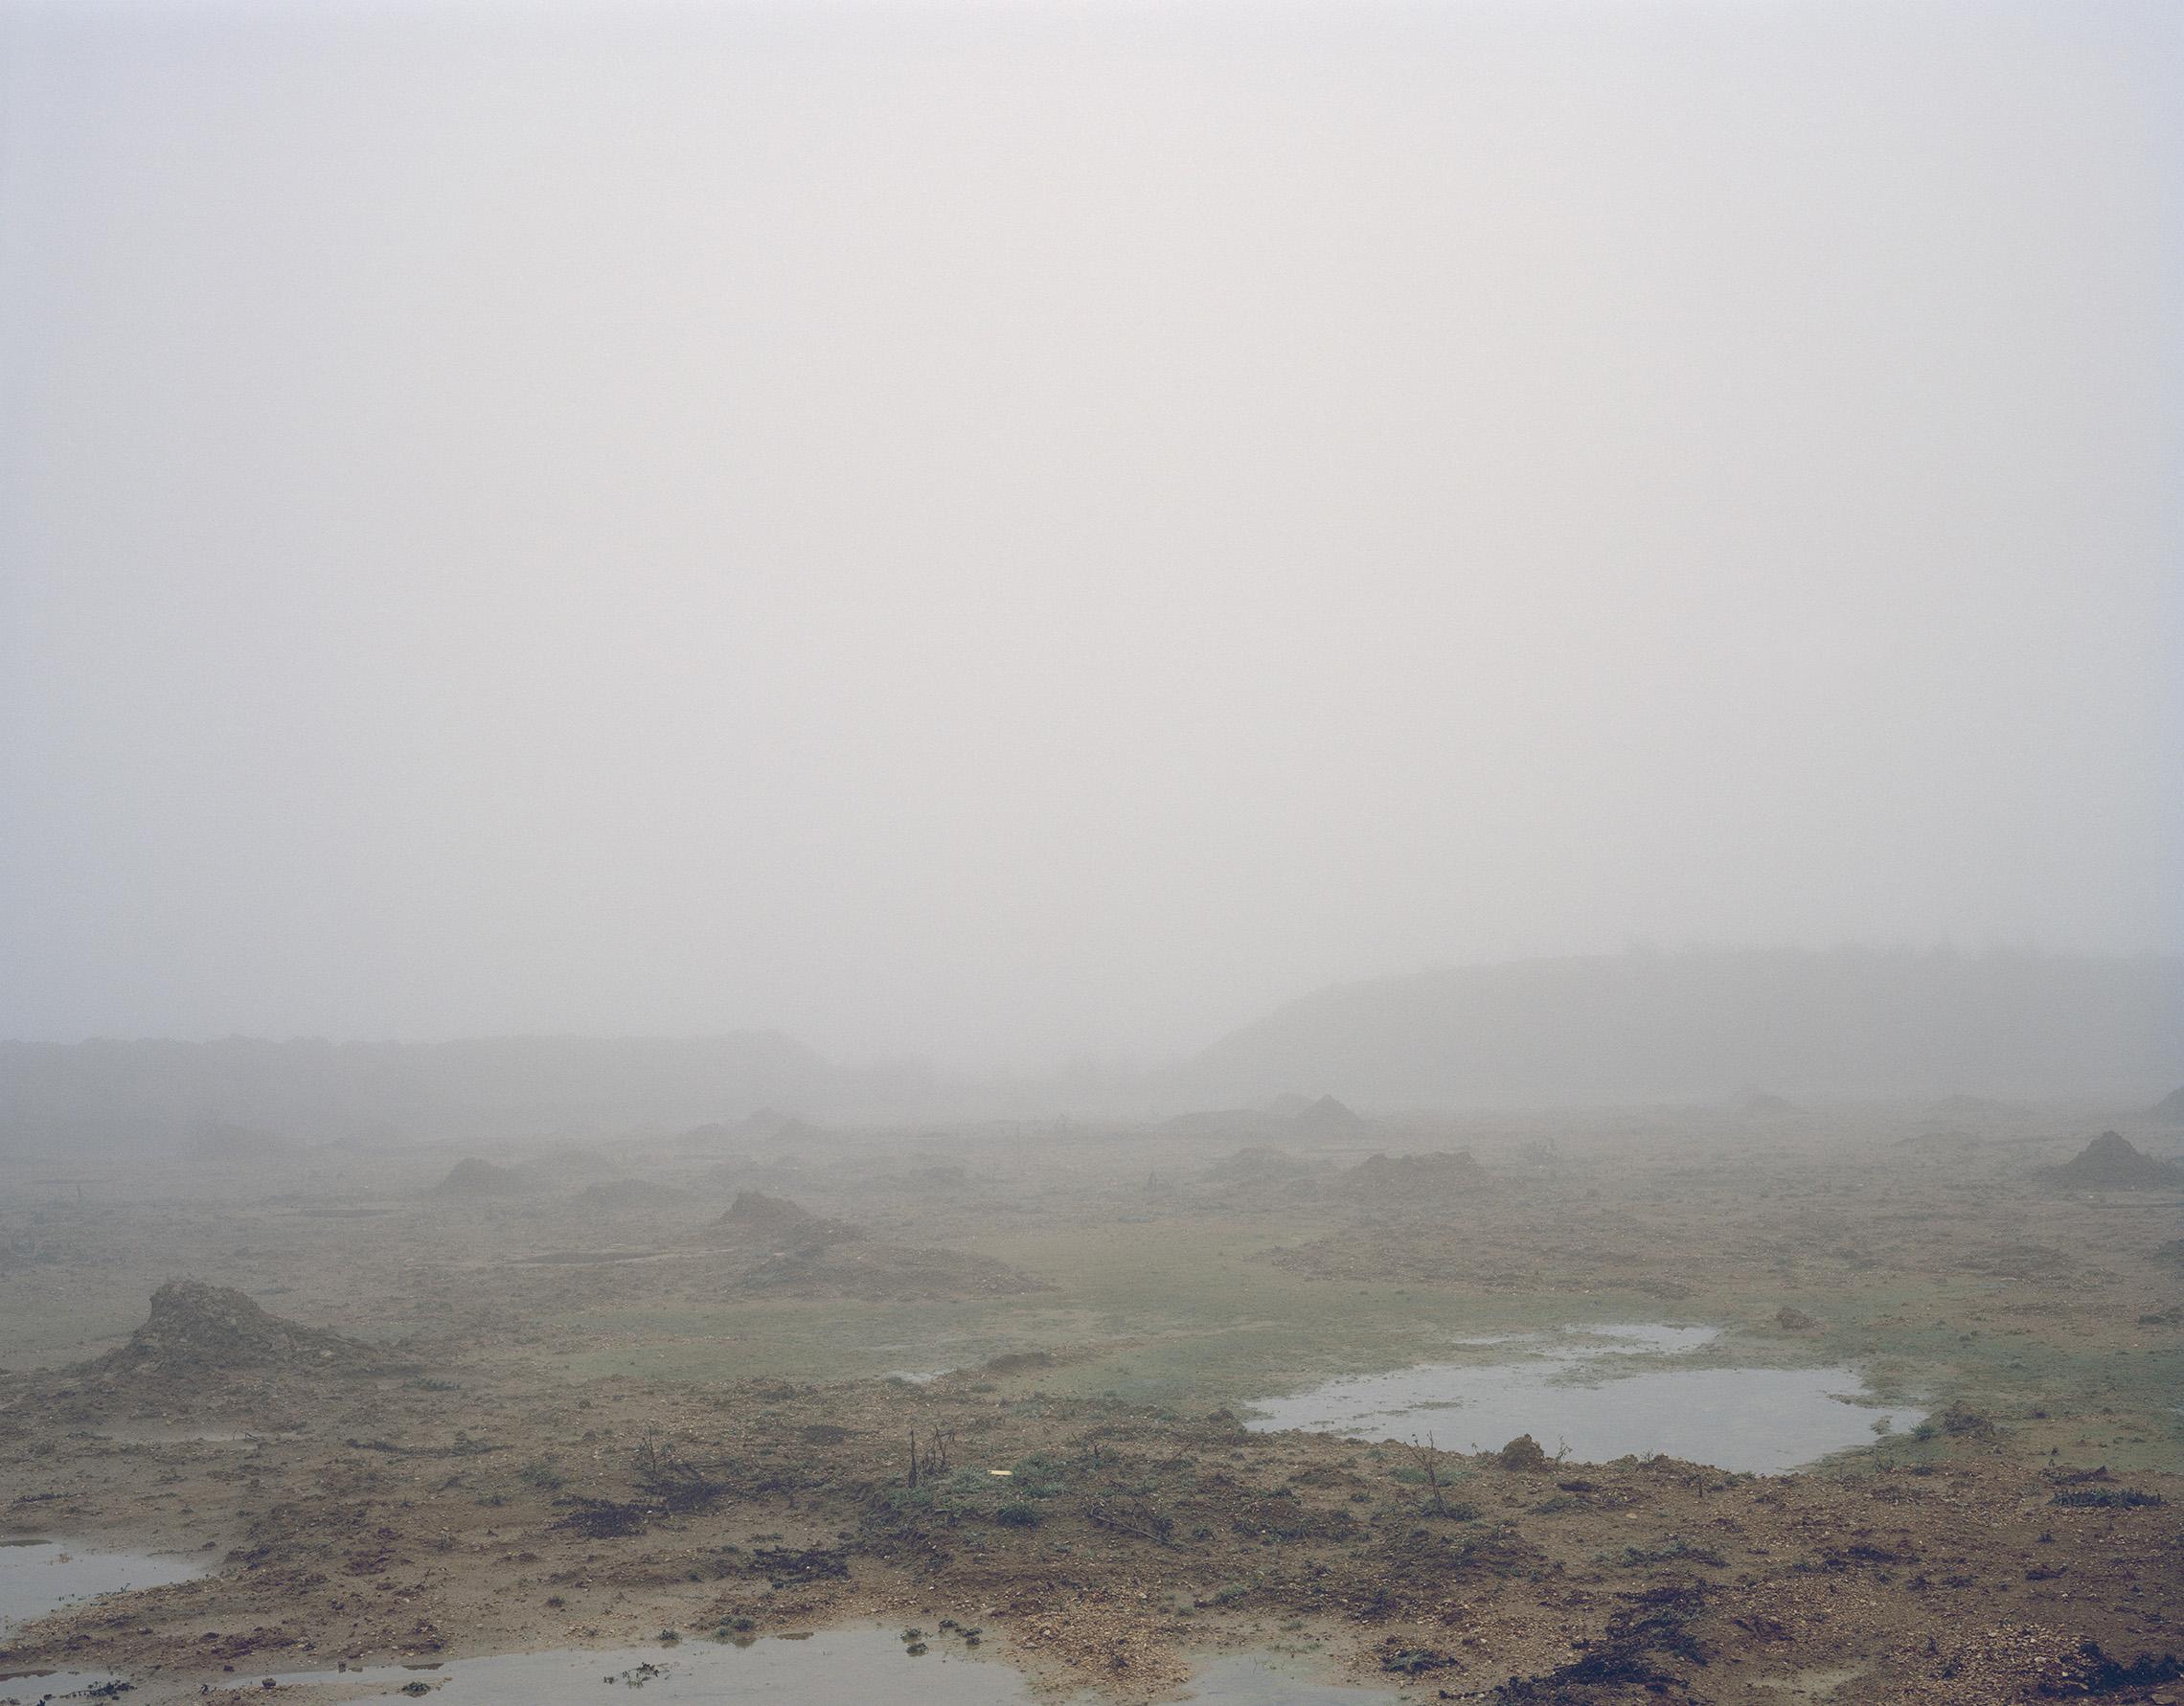 Tom-Lovelace-Site-407-Landscape-No.3.jpg